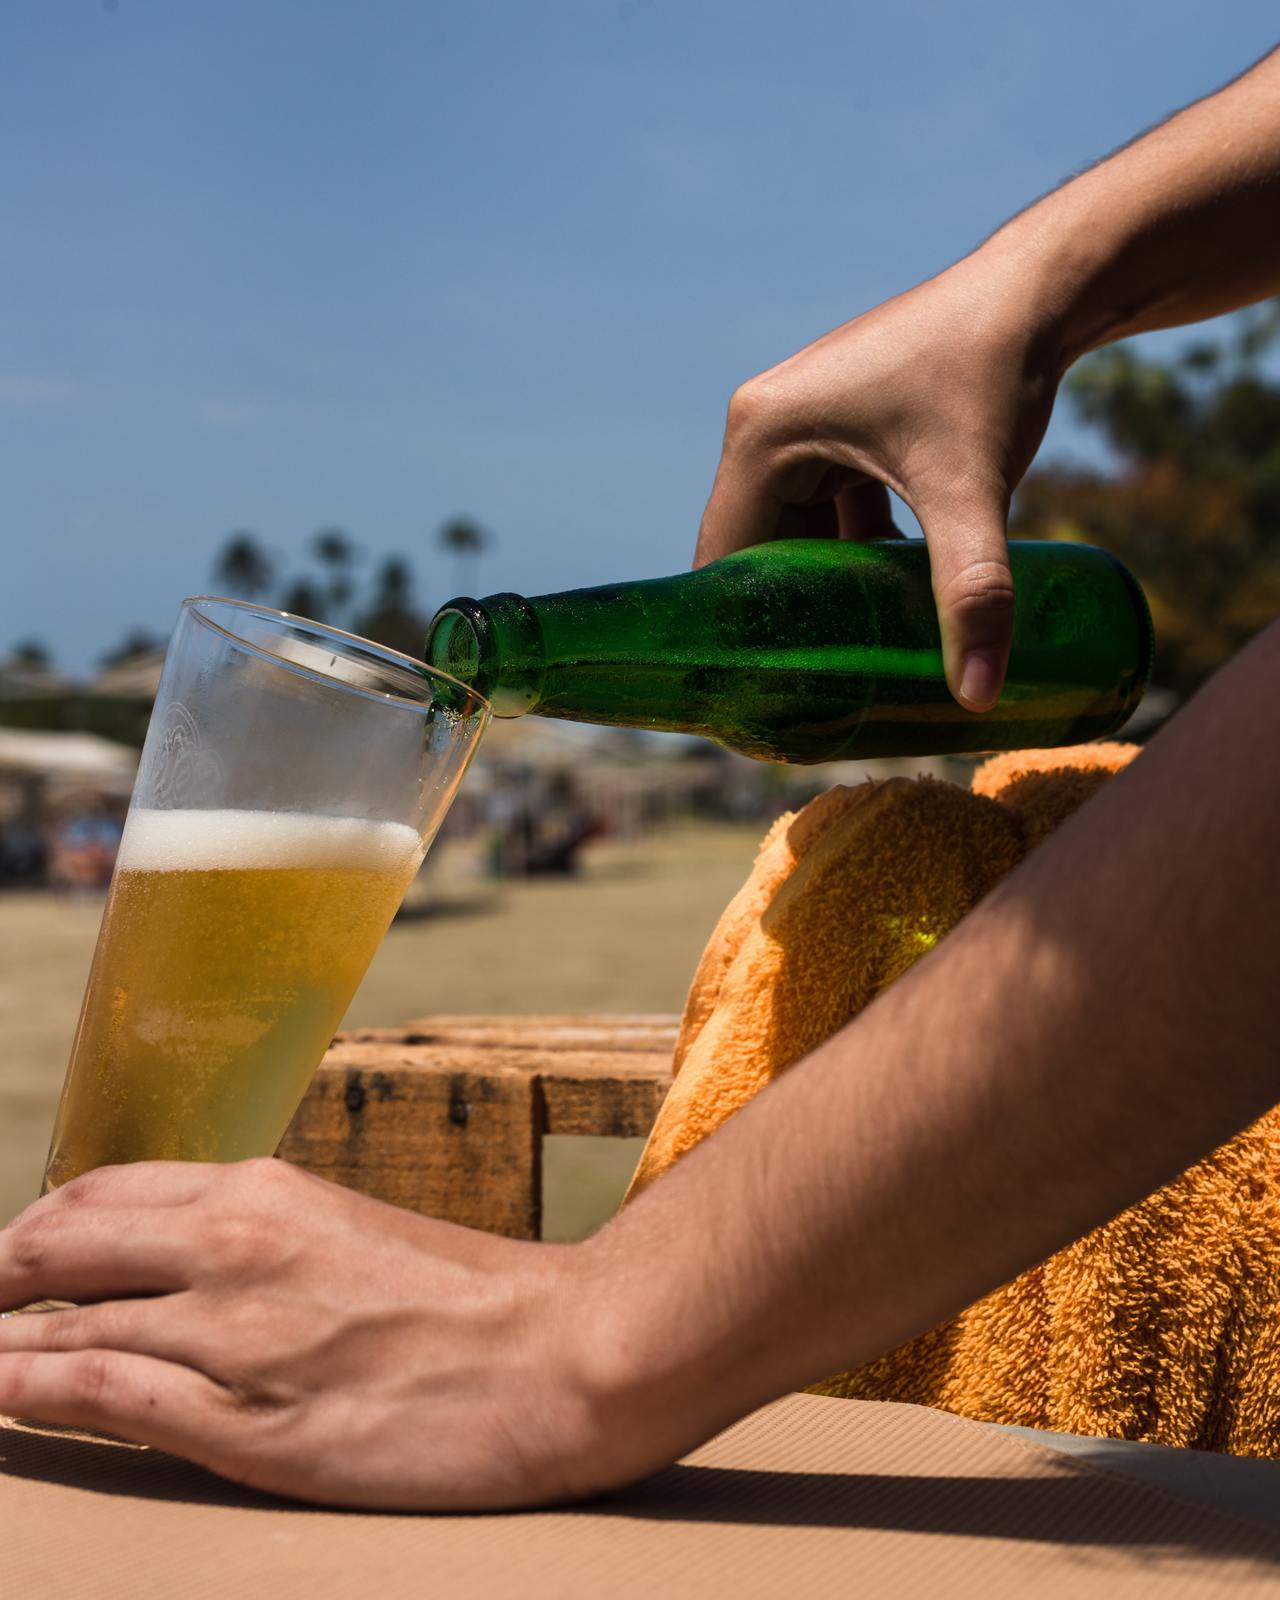 是否要揪團開喝了?圖/翻攝自Pexels ※ 提醒您:禁止酒駕 飲酒過量有...